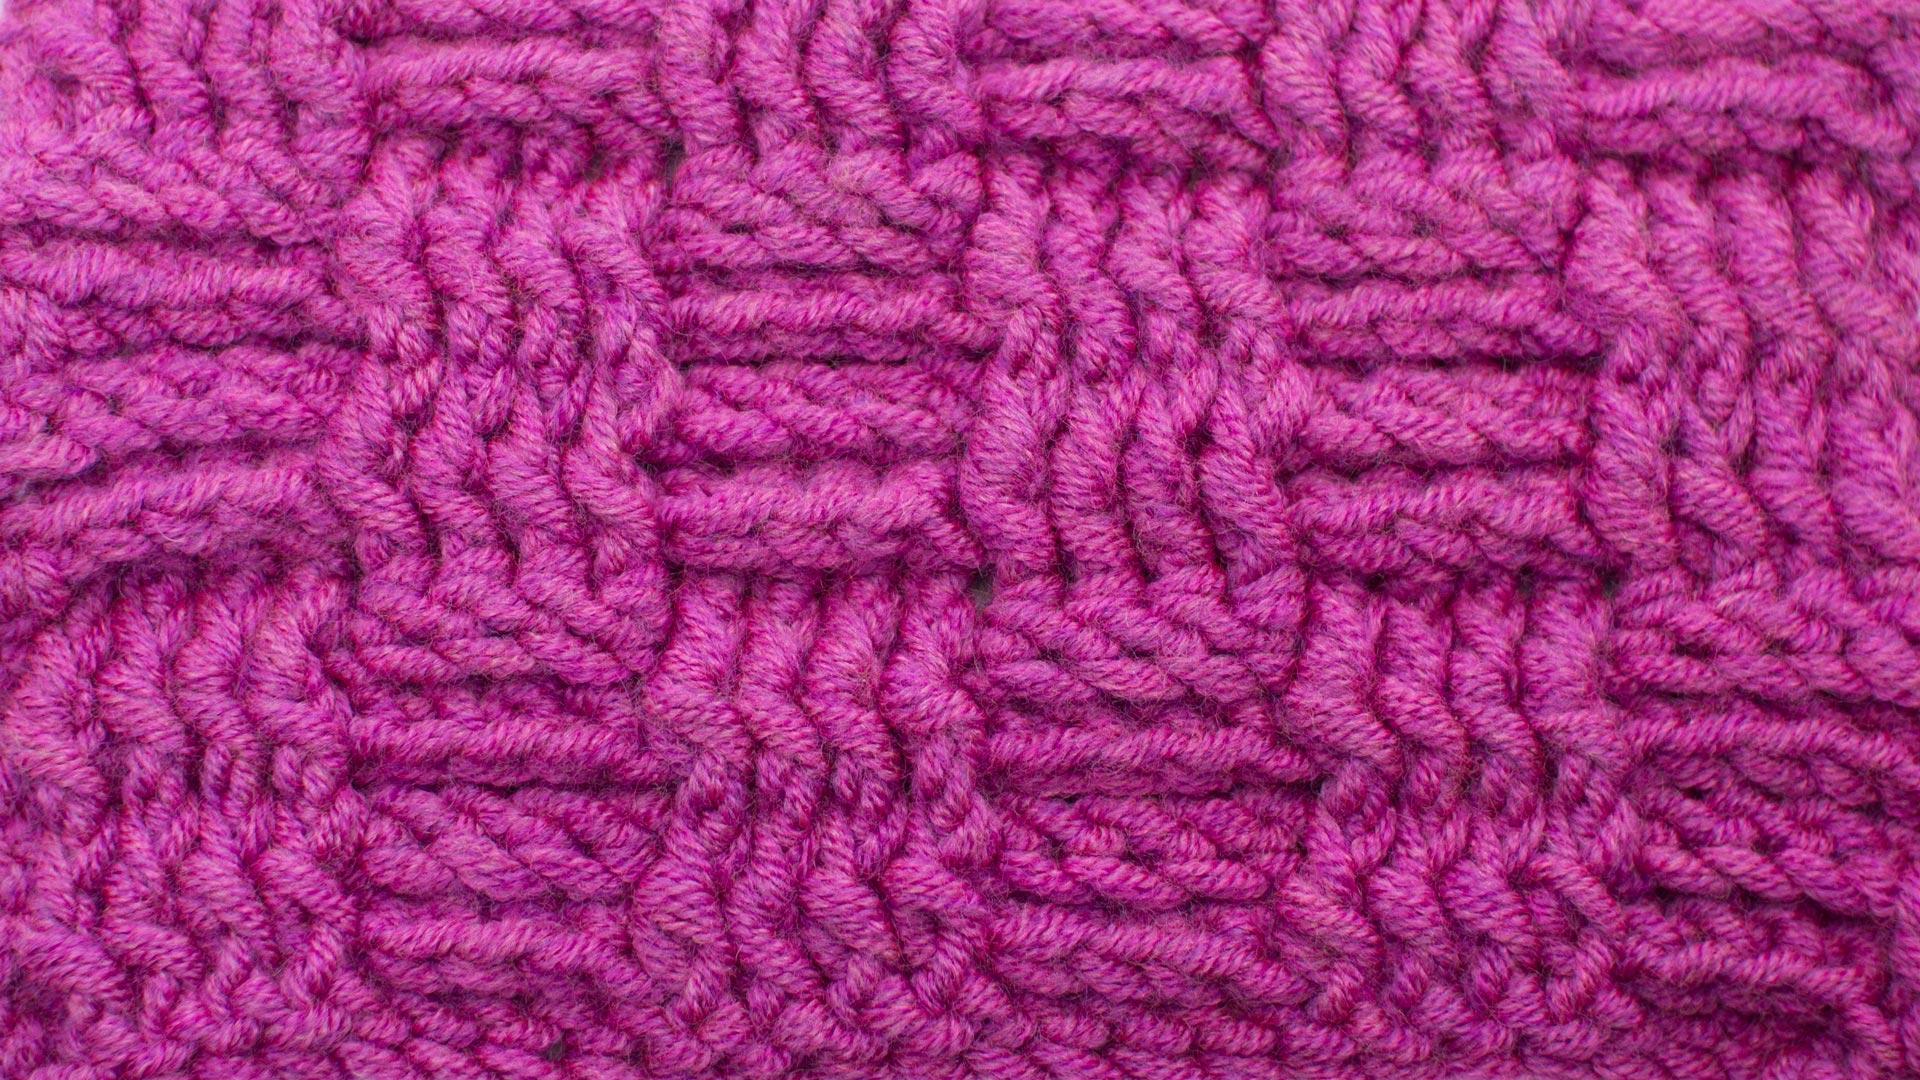 crochet stitches basketweave stitch :: crochet stitch :: new stitch a day kfsrwuu